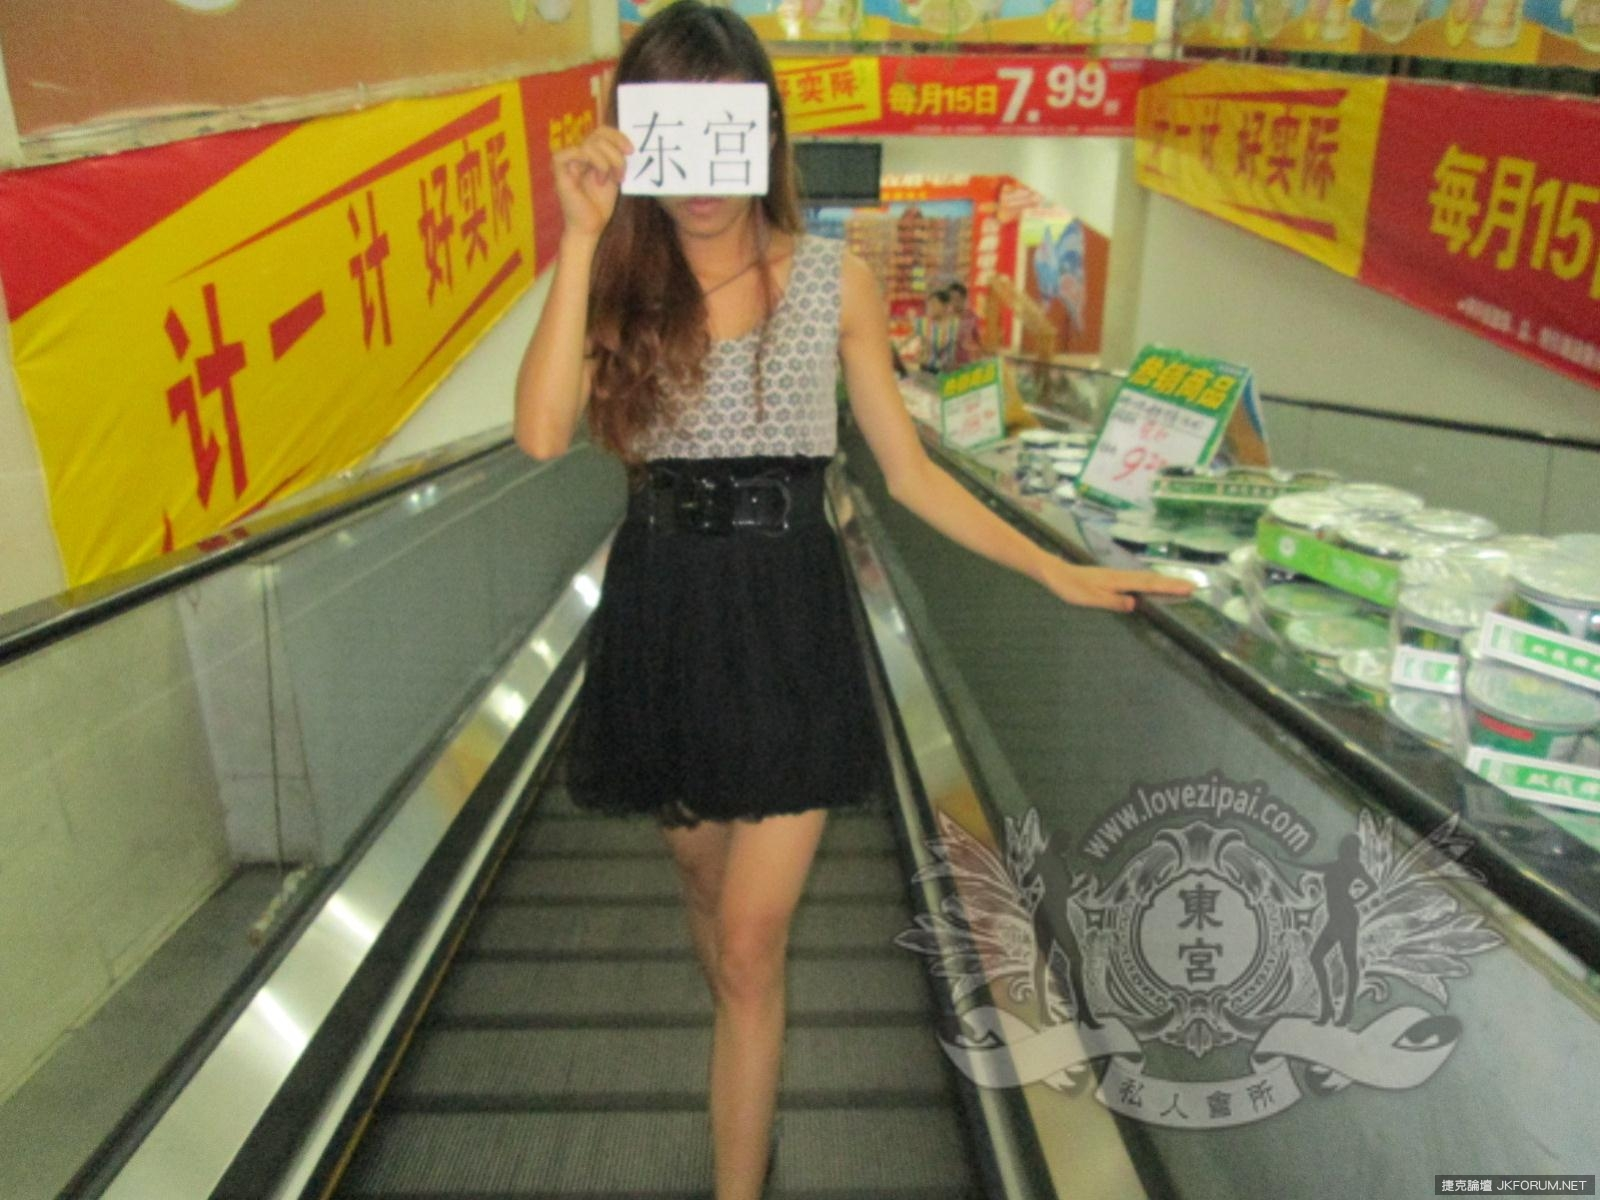 【東宮系列】超市裡大膽露出,誰與爭鋒【30P】 - 貼圖 - 絲襪美腿 -